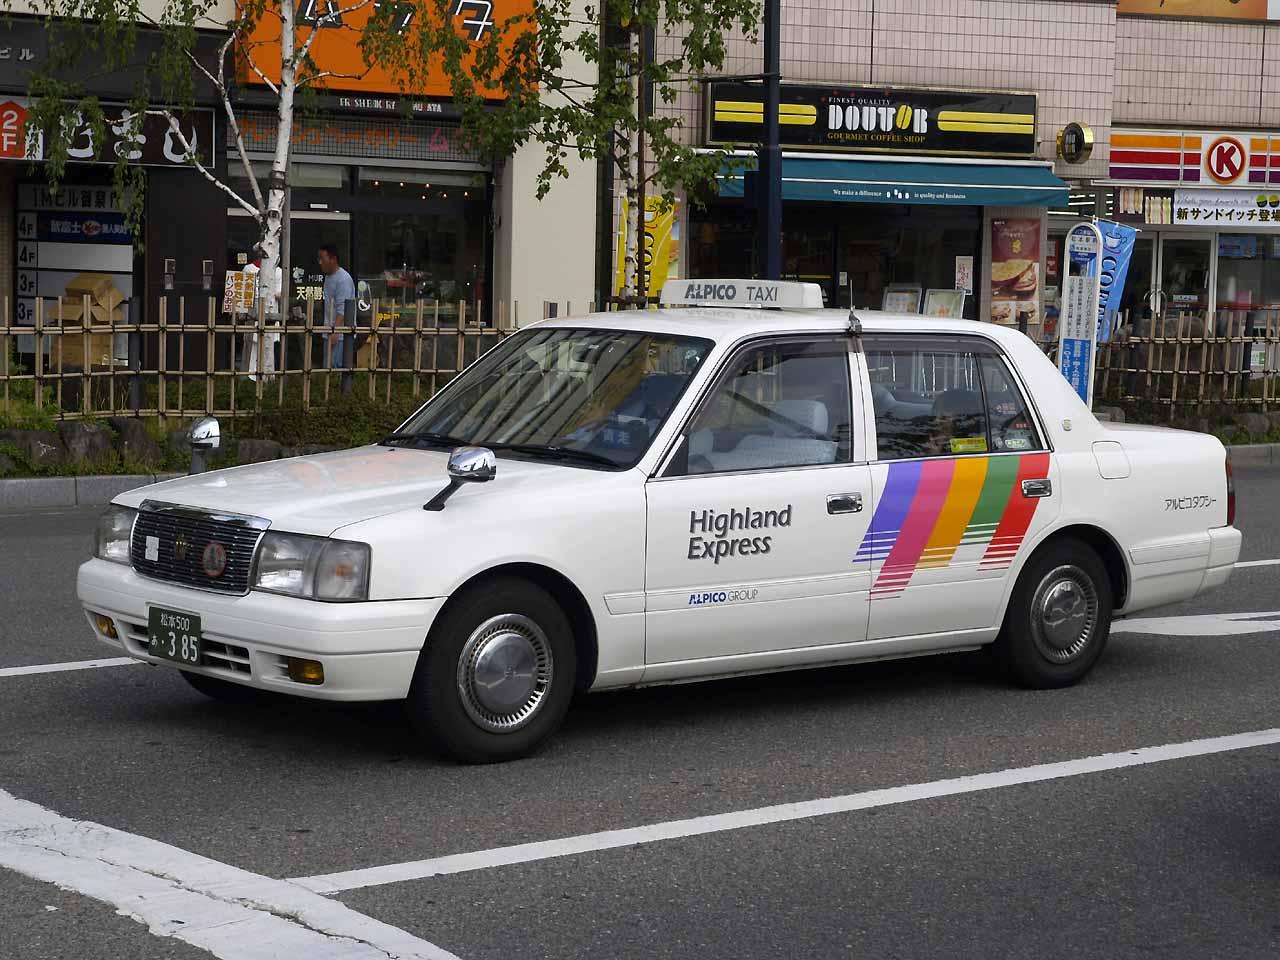 Quanto costa prendere il taxi in Giappone